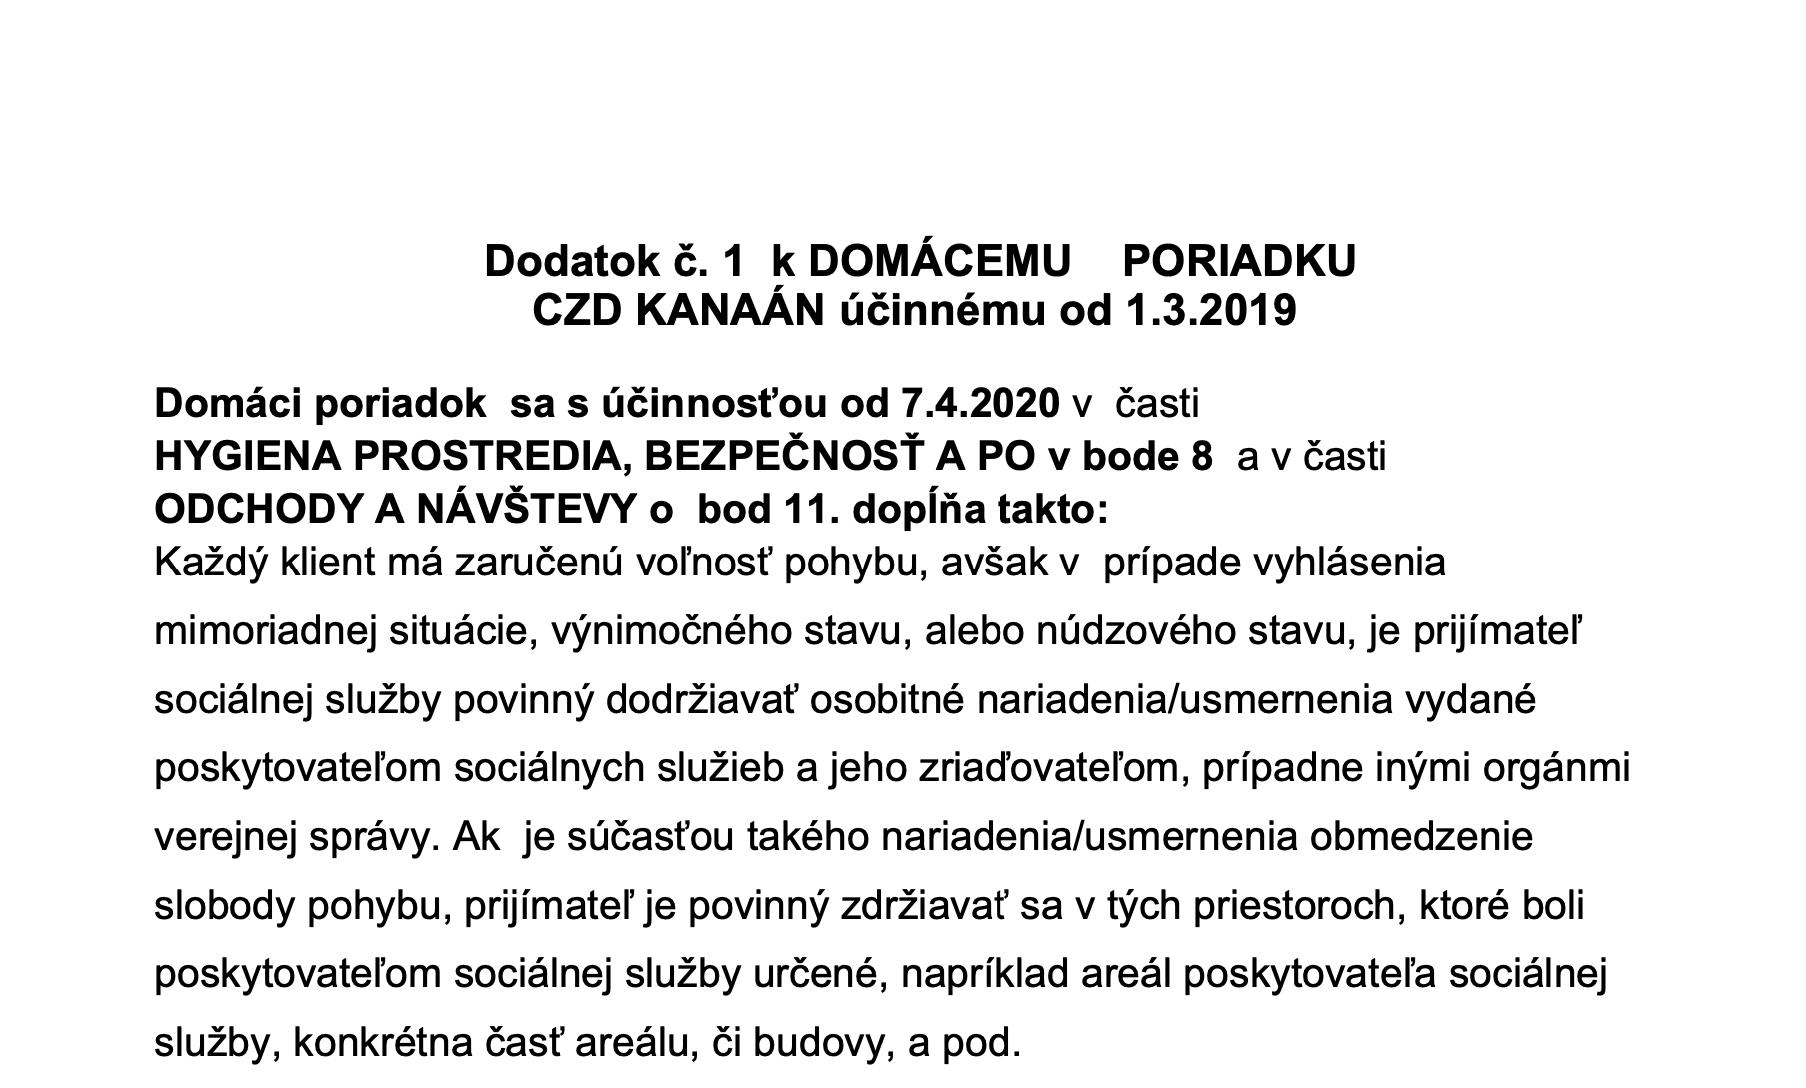 Dodatok č.1 k Domácemu poriadku 2019